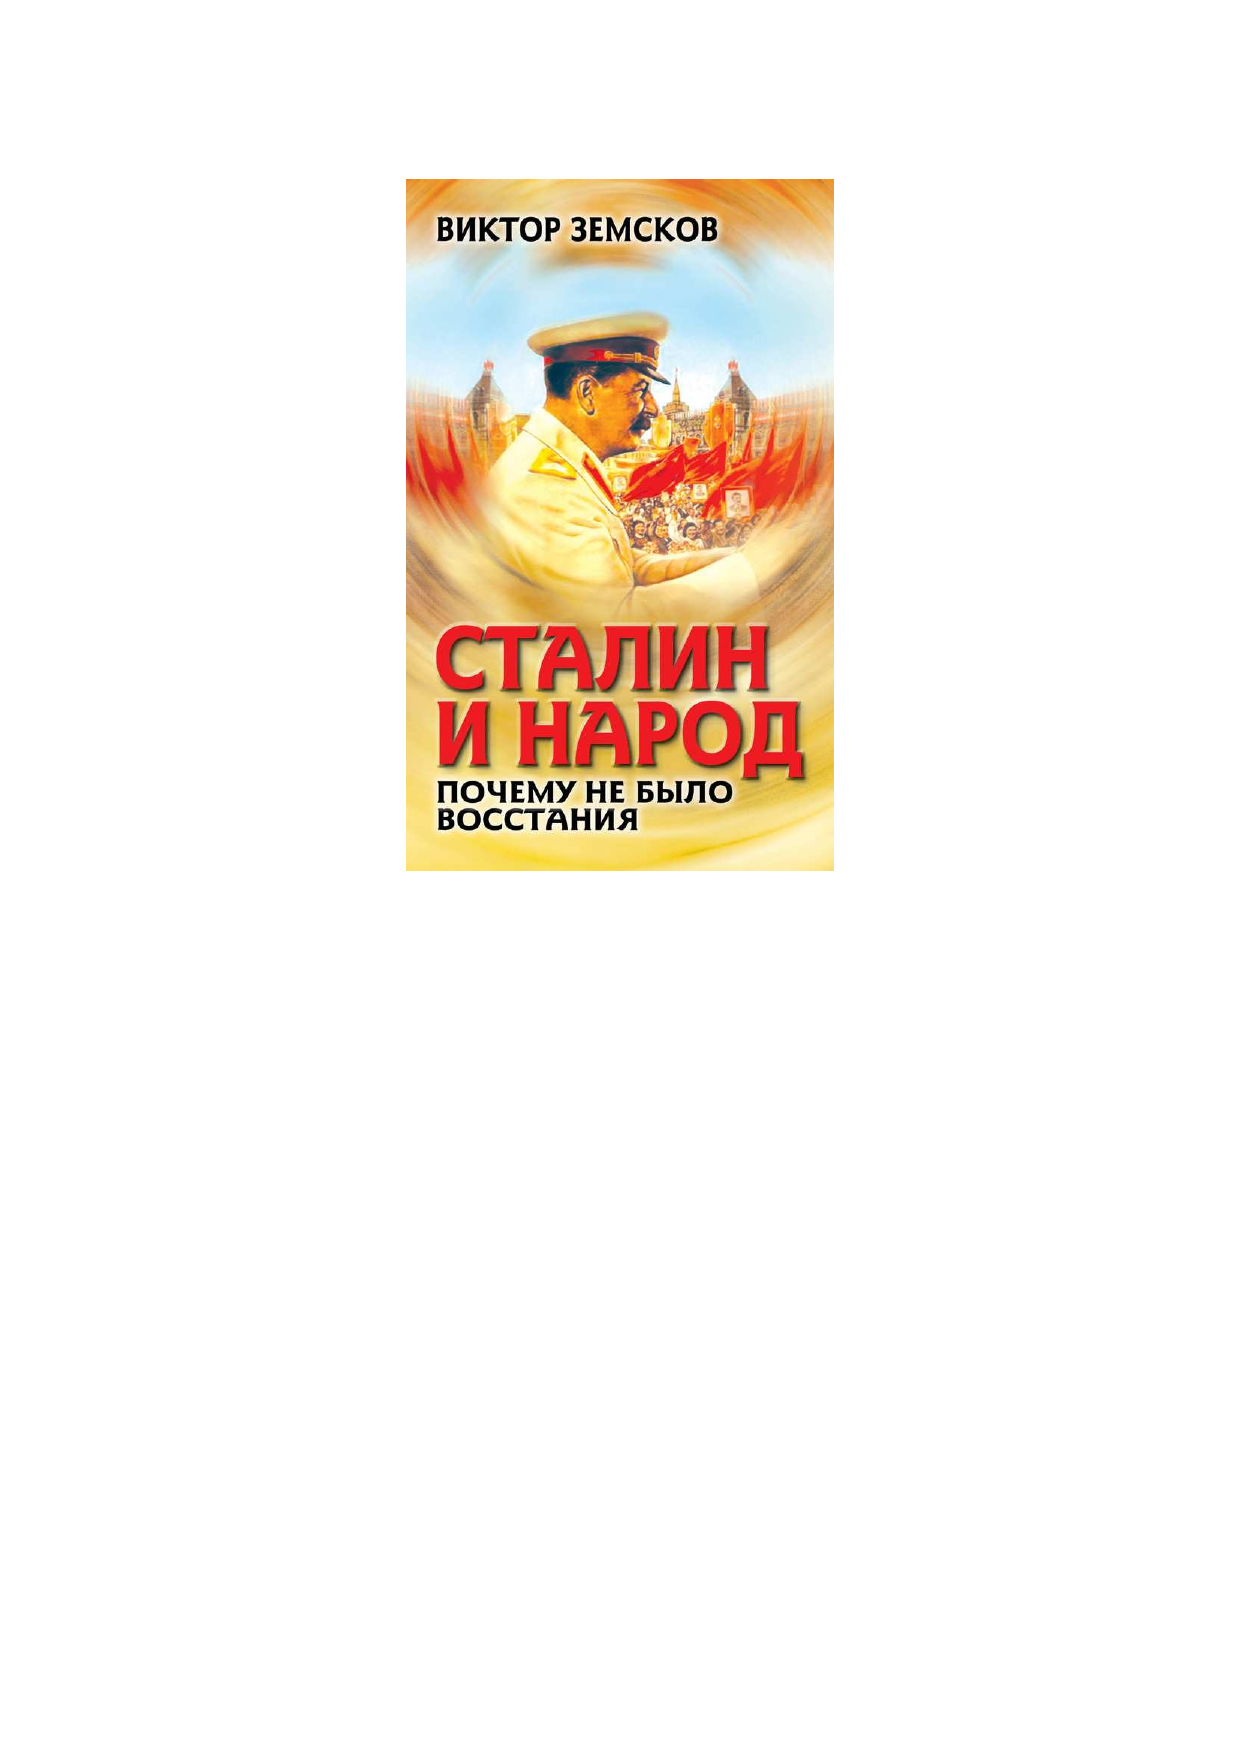 Сталин и народ почему не было восстания fb2